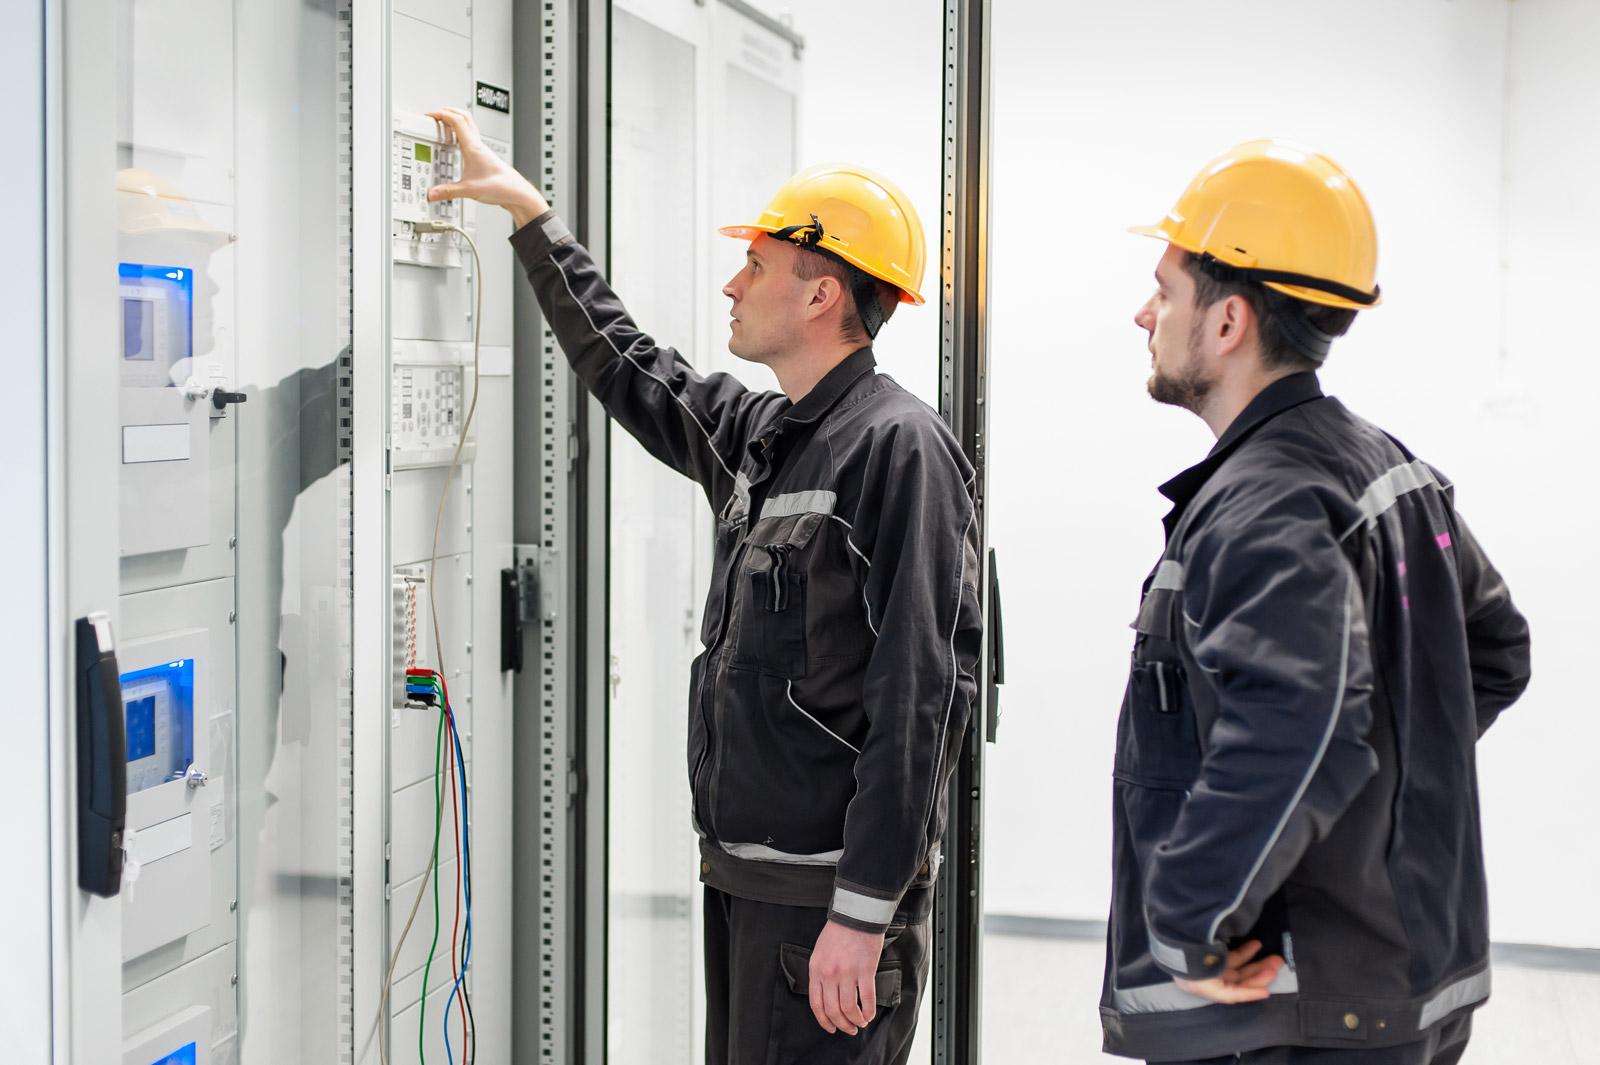 przemyslowe-instalacje-elektryczne